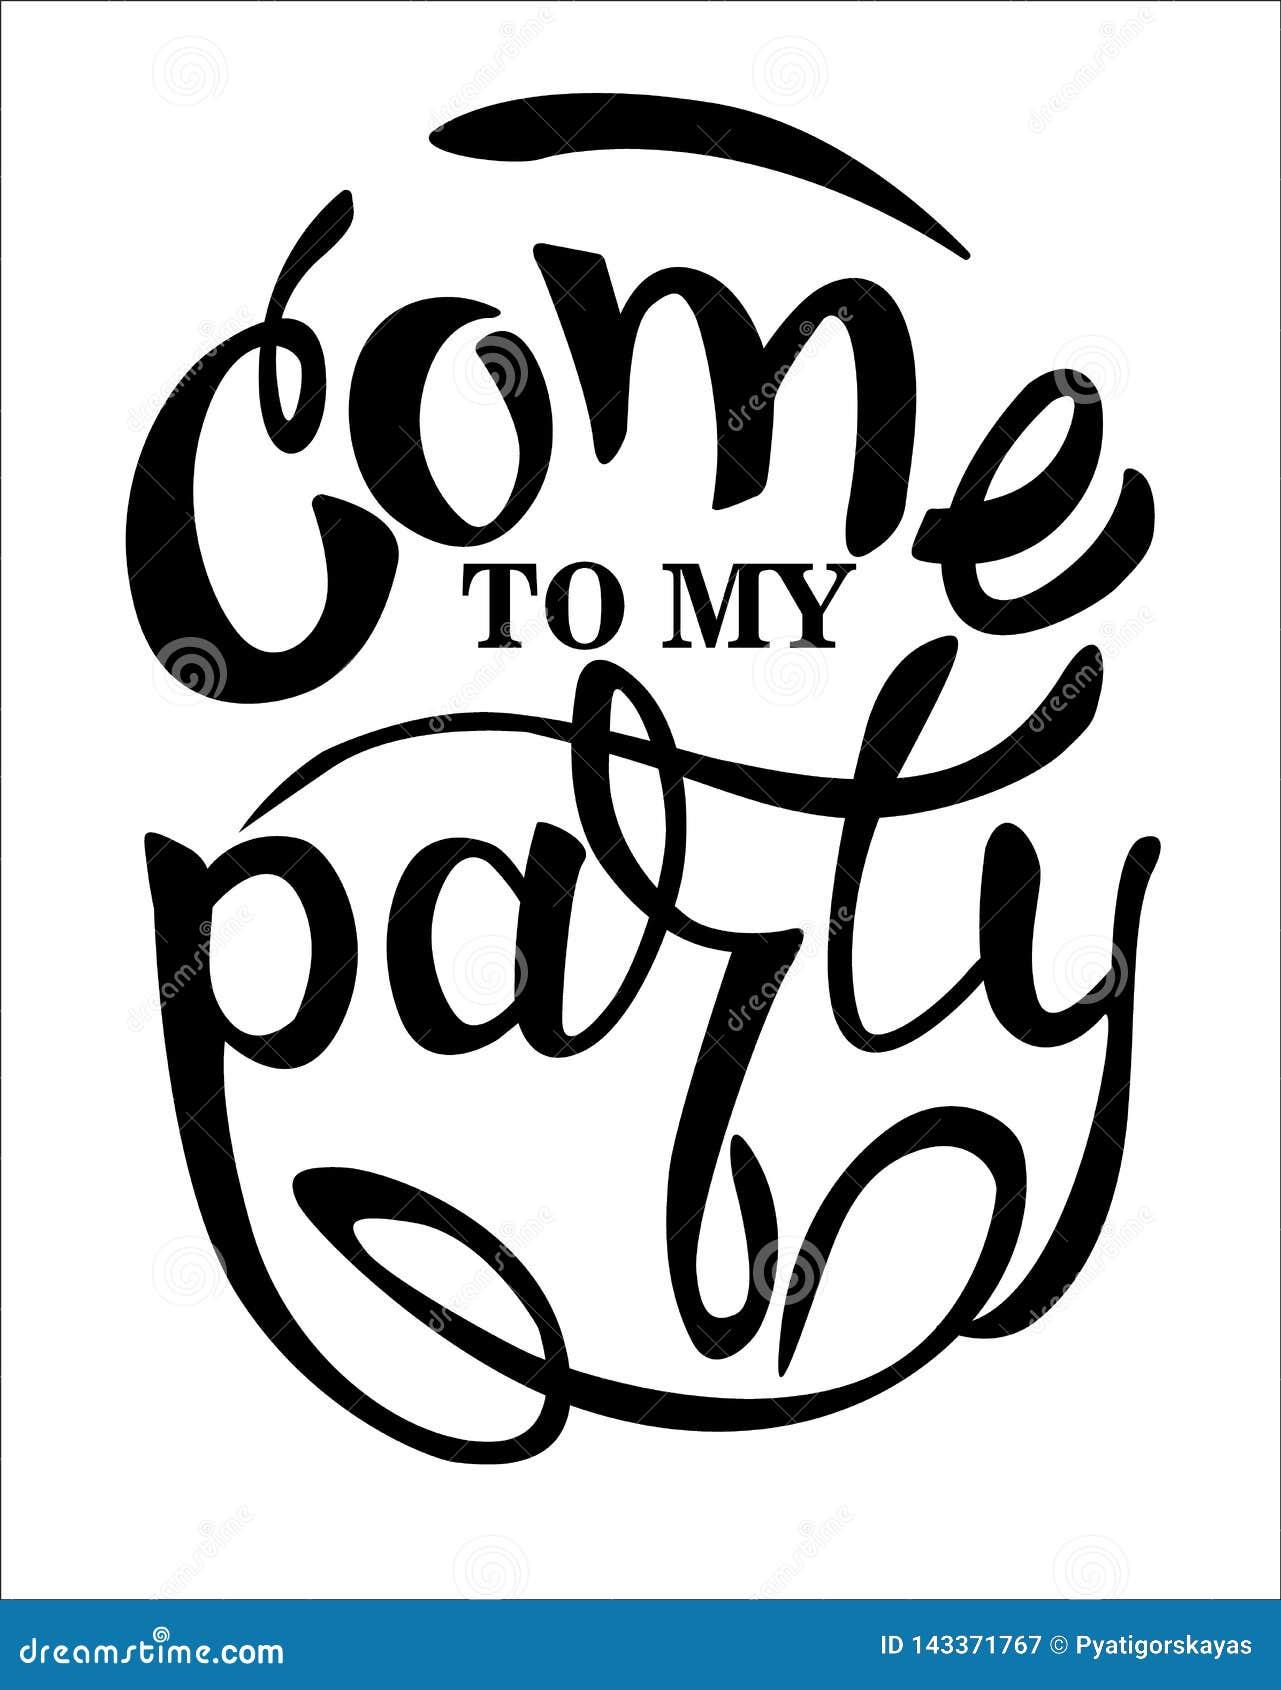 """Vindo convite alegre do partido ao meu †do partido """" Rotulação da mão, isolada no fundo branco"""